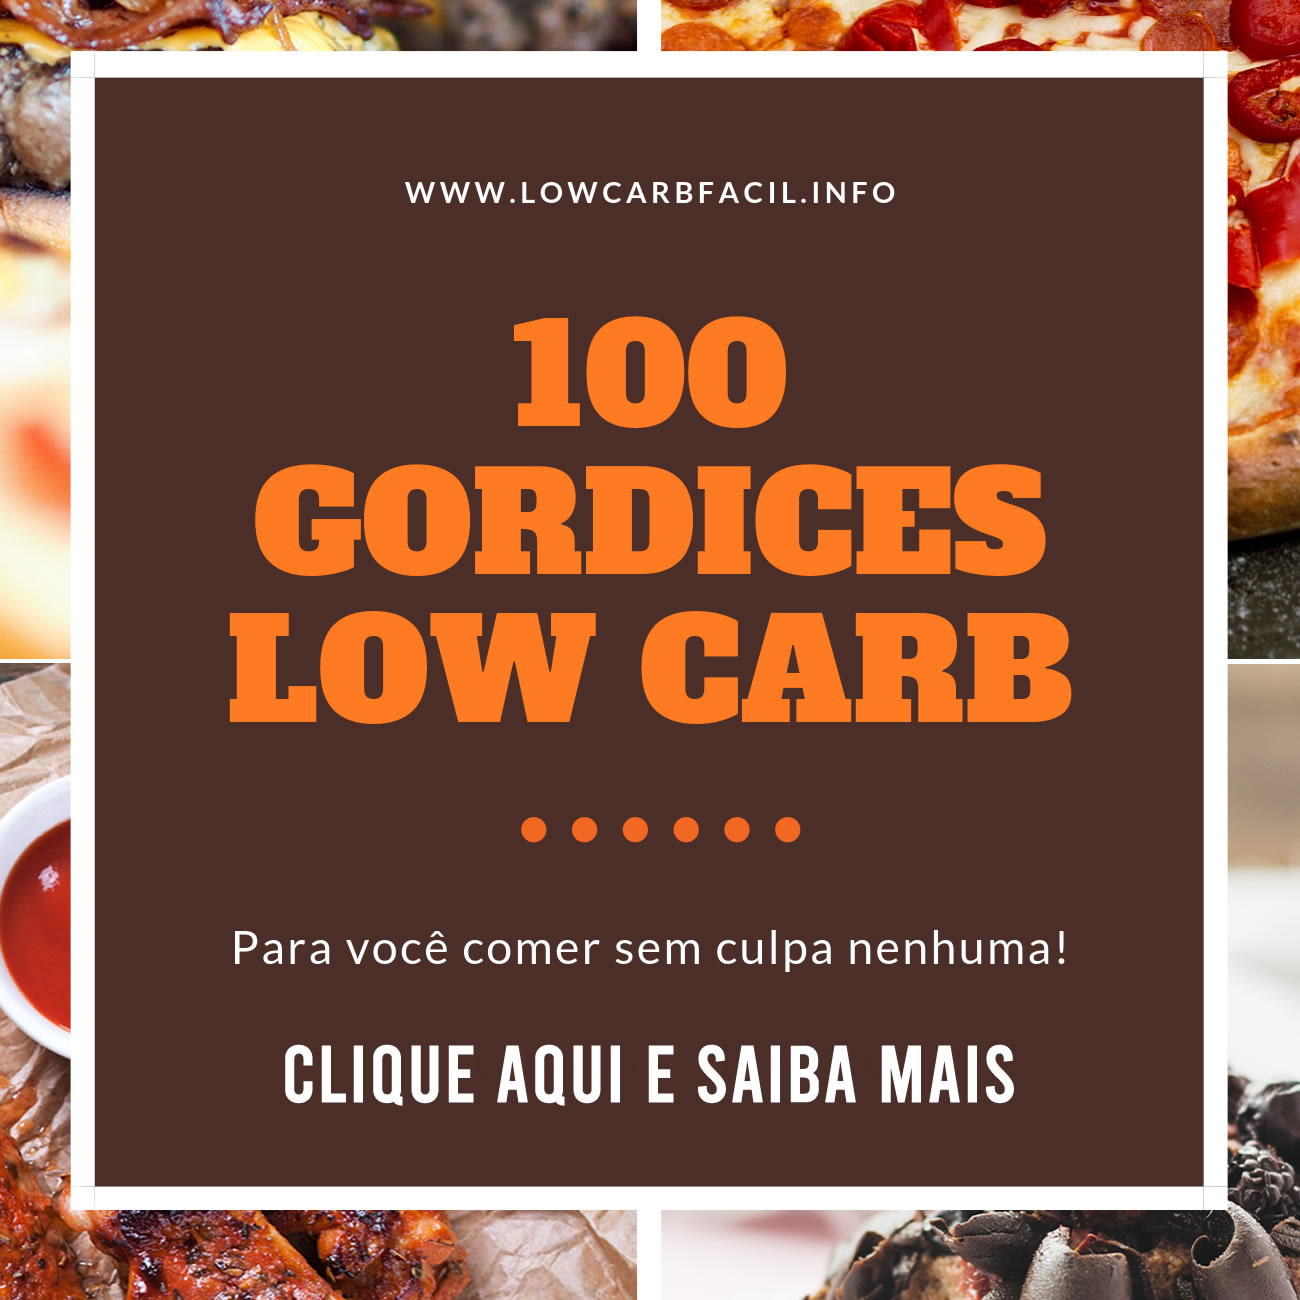 Gordices Low Carb - Clique Aqui e Saiba Mais